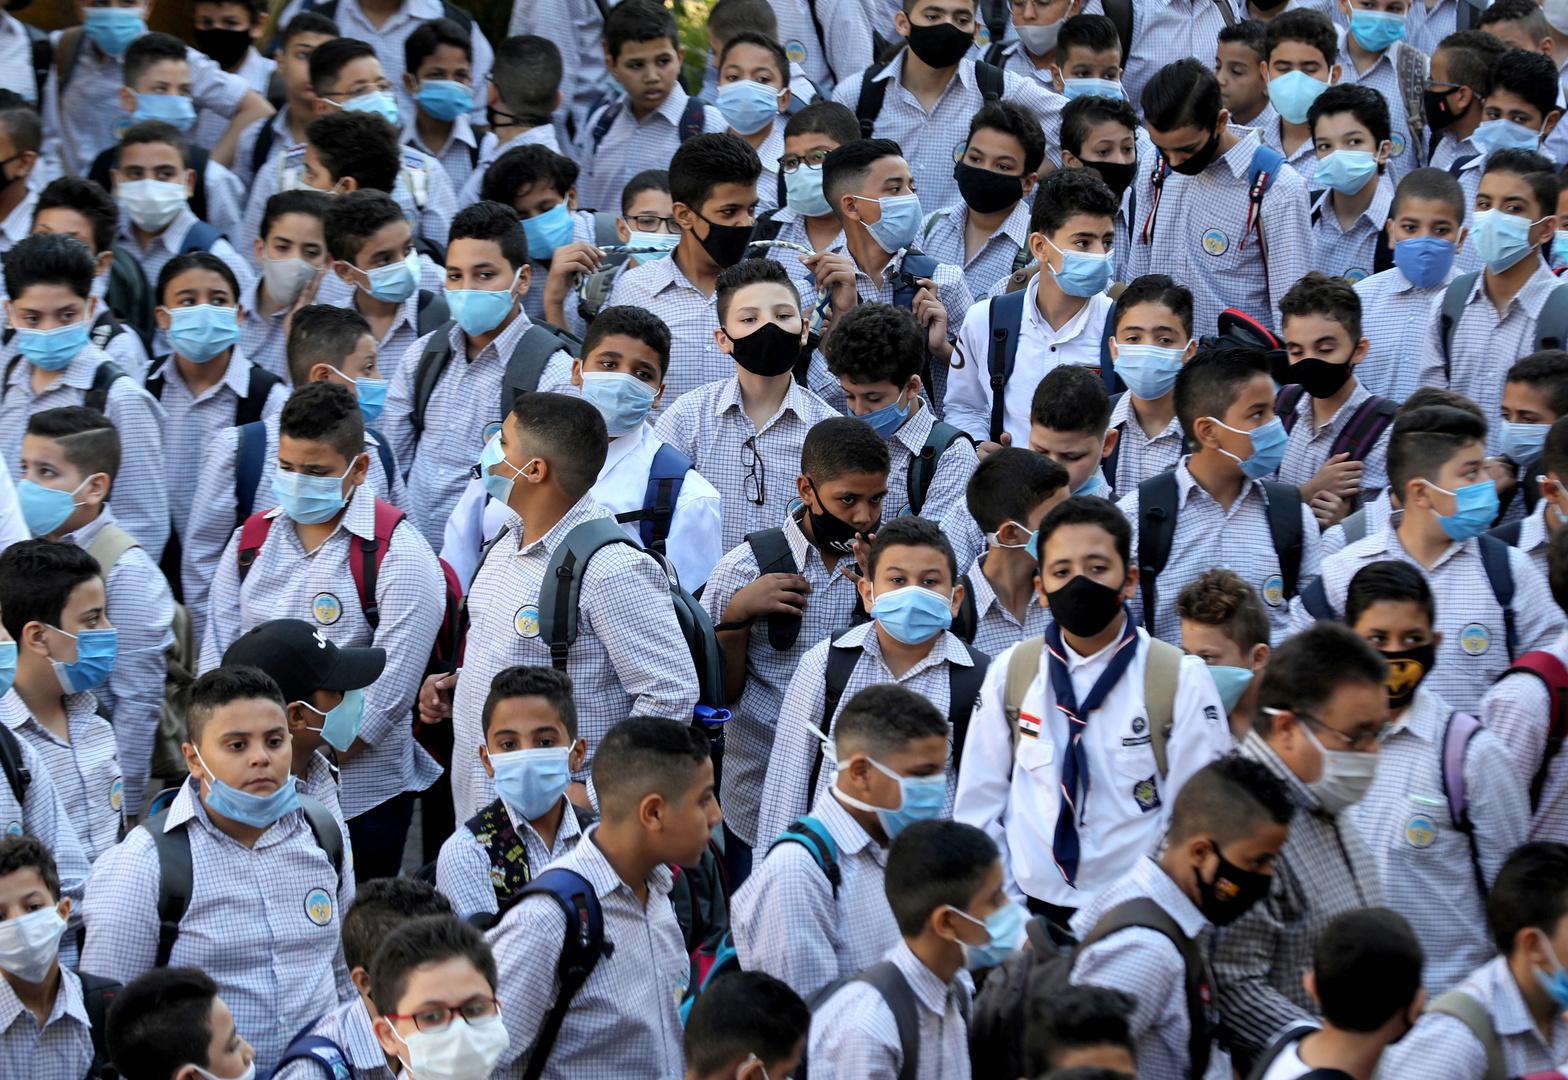 عدد سكان مصر في 2030 سيبلغ  120 مليون نسمة